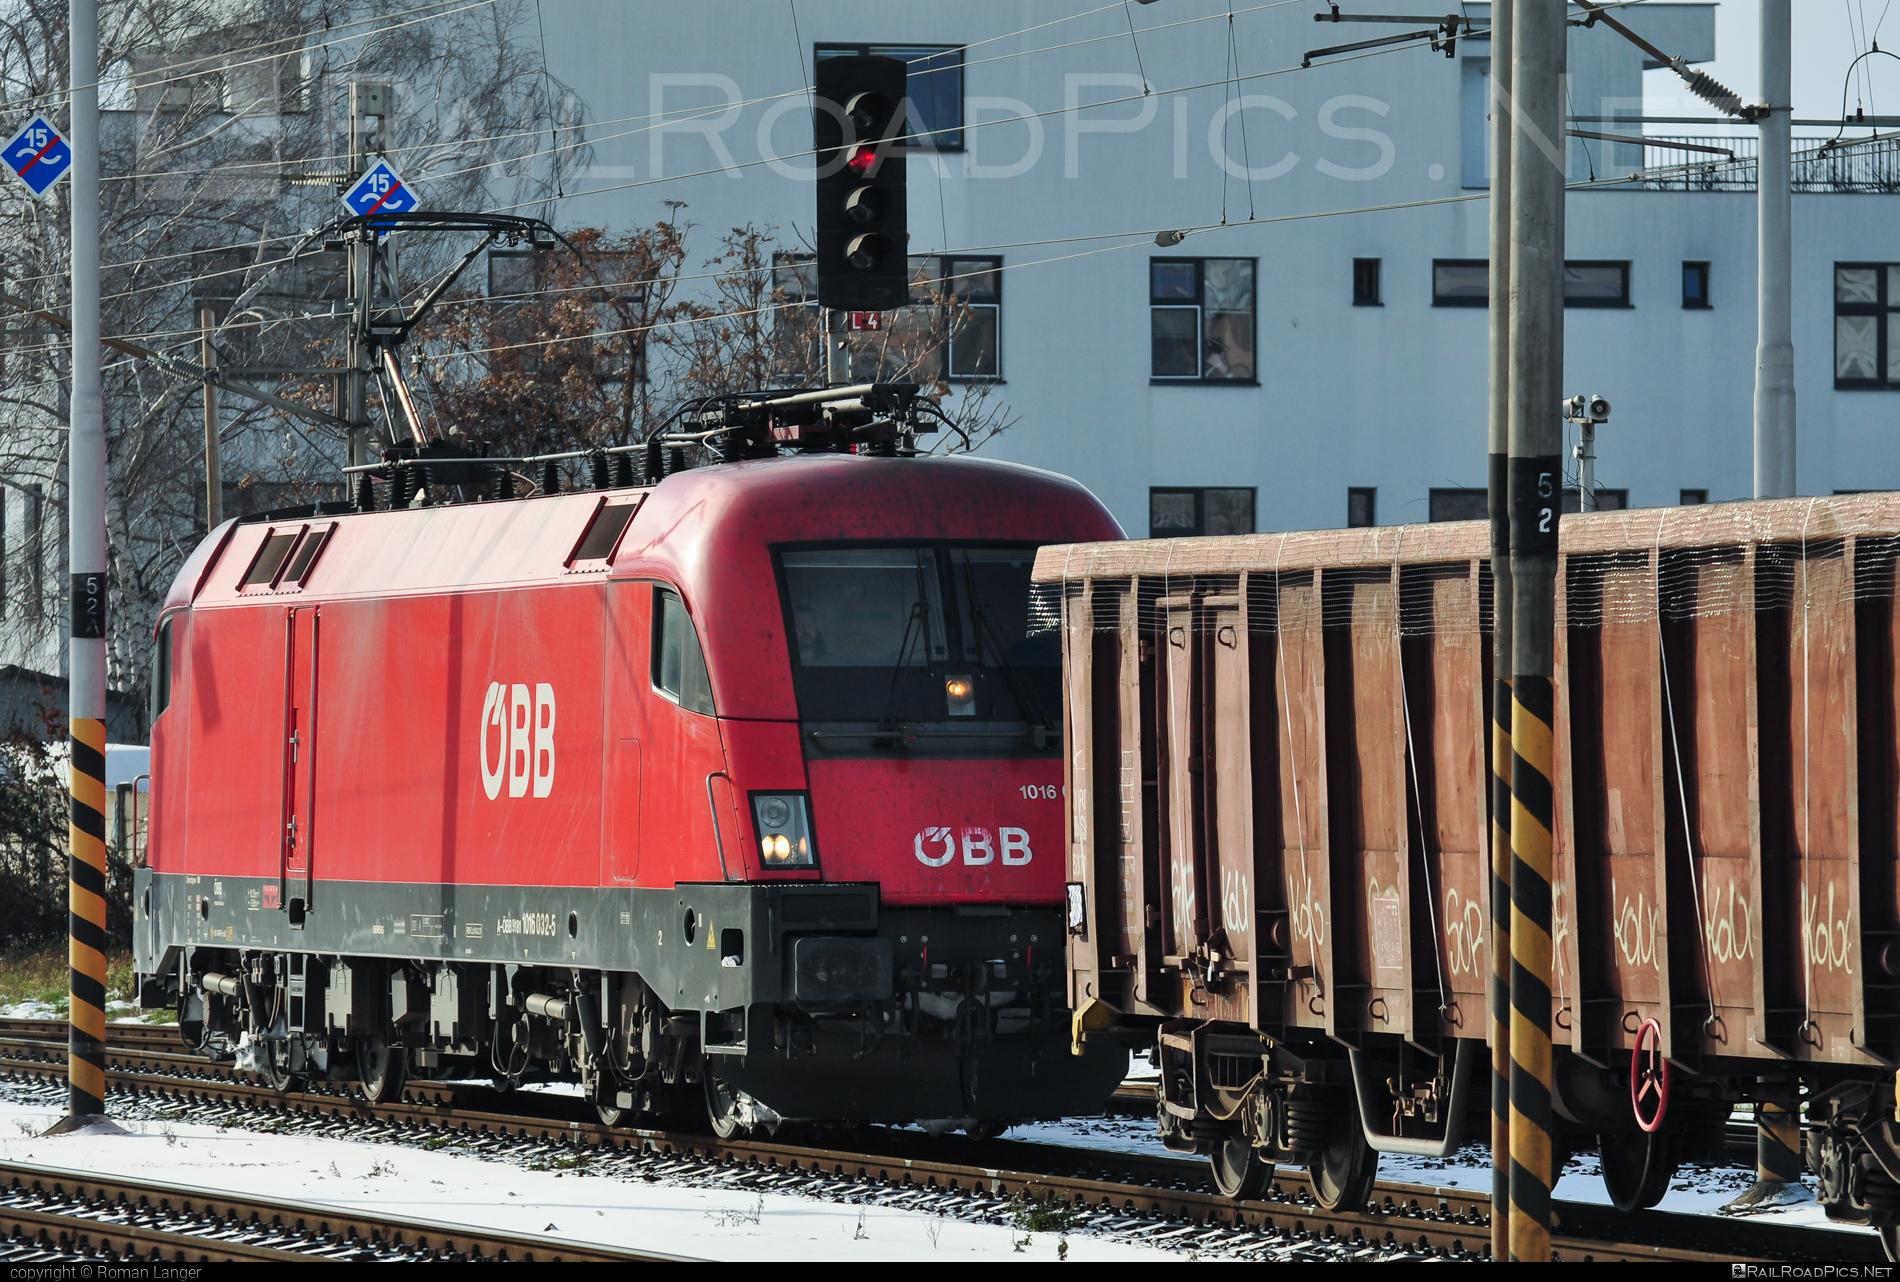 Siemens ES 64 U2 - 1016 032 operated by Rail Cargo Austria AG #es64 #es64u #es64u2 #eurosprinter #obb #osterreichischebundesbahnen #rcw #siemens #siemenses64 #siemenses64u #siemenses64u2 #siemenstaurus #taurus #tauruslocomotive